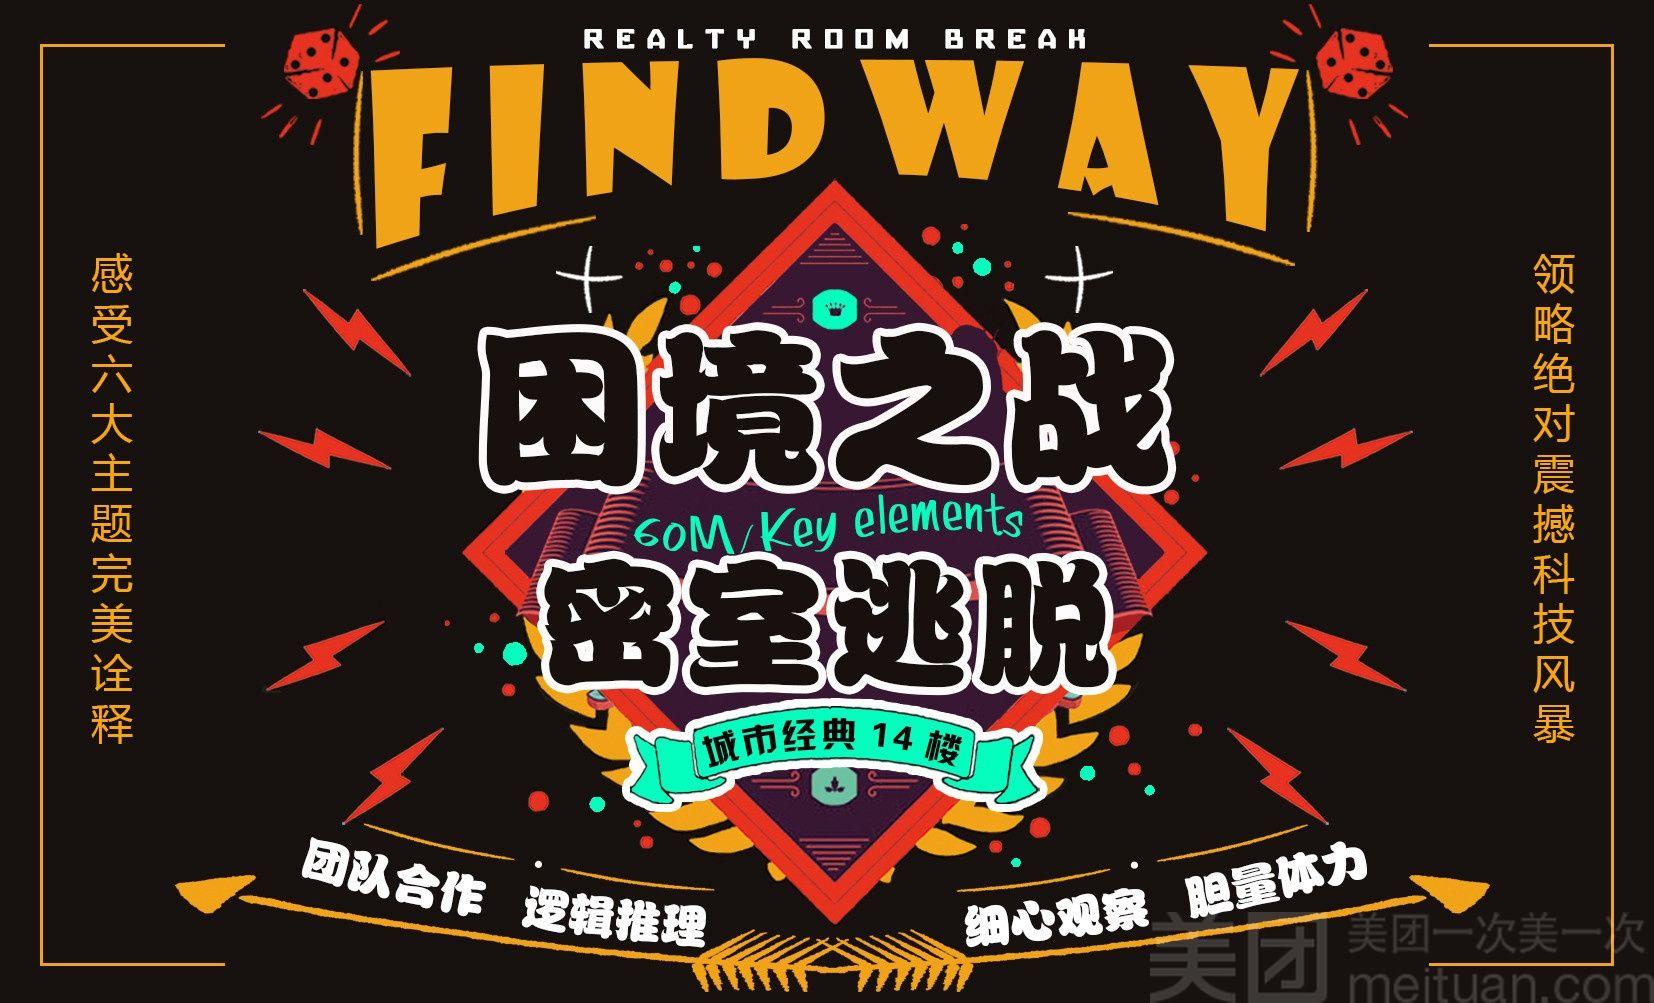 findway密室逃脱(解放西路店)-美团